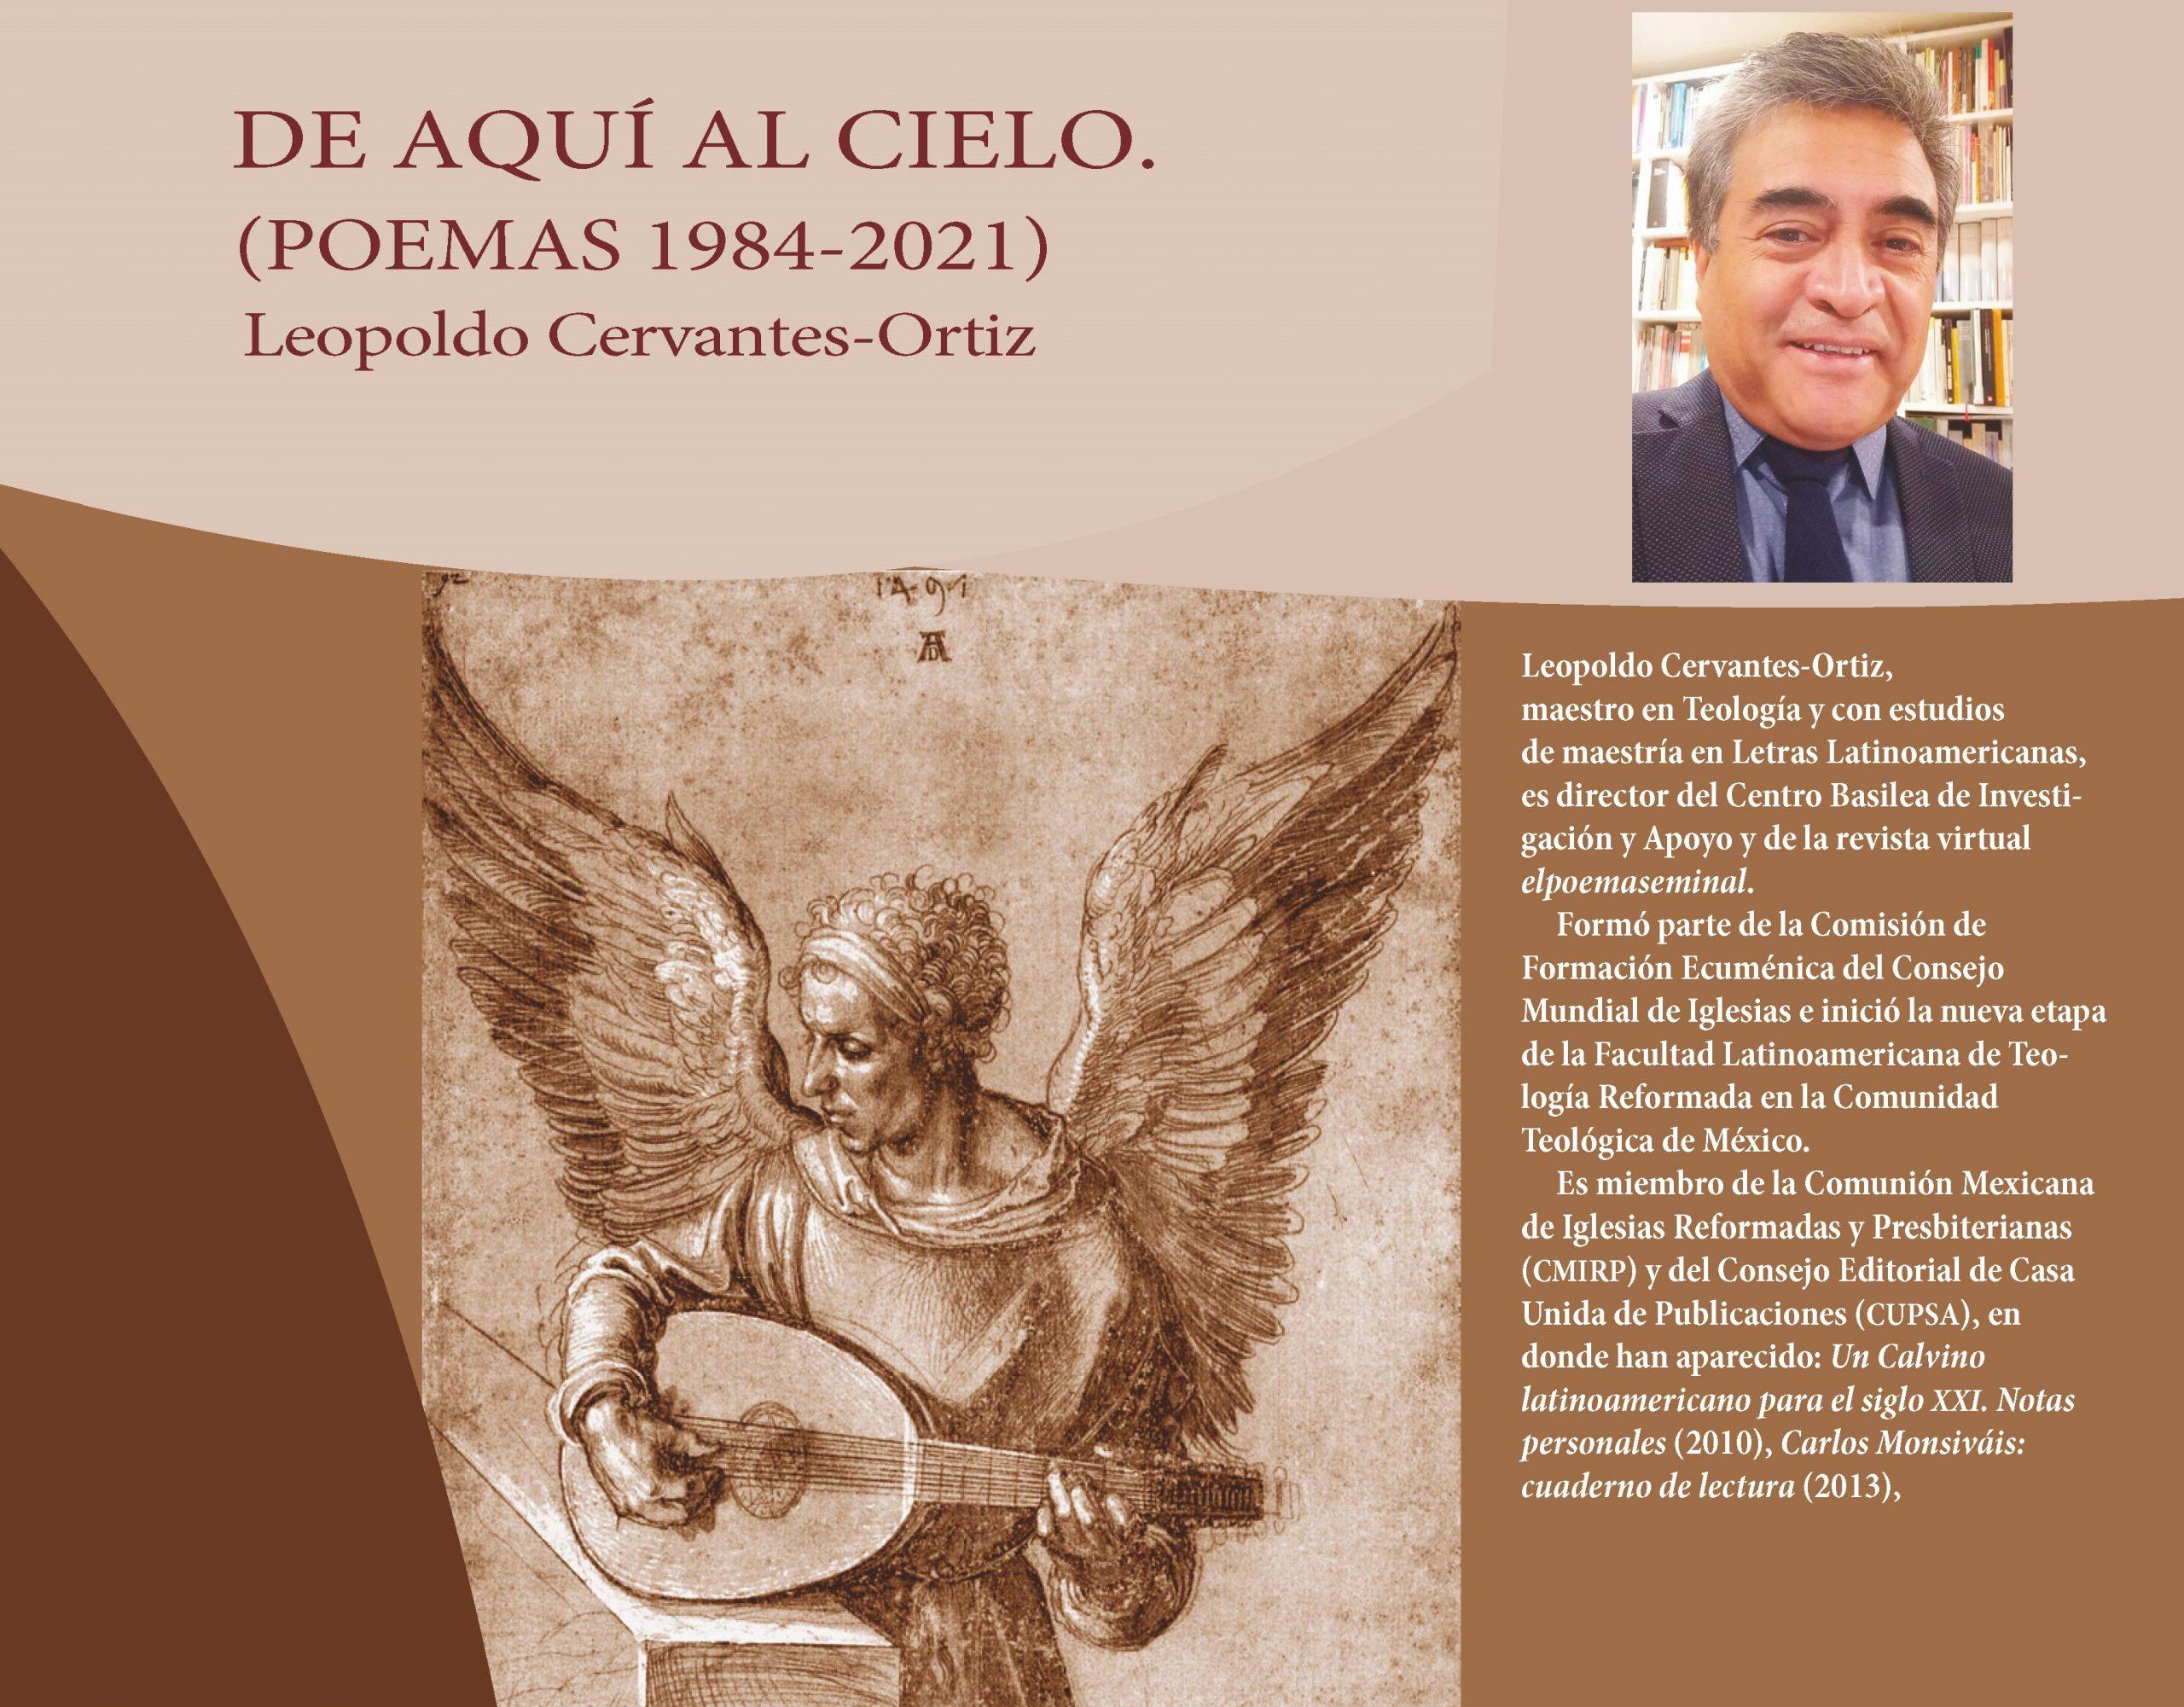 Pórtico para 'De aquí al cielo', de Leopoldo Cervantes-Ortiz